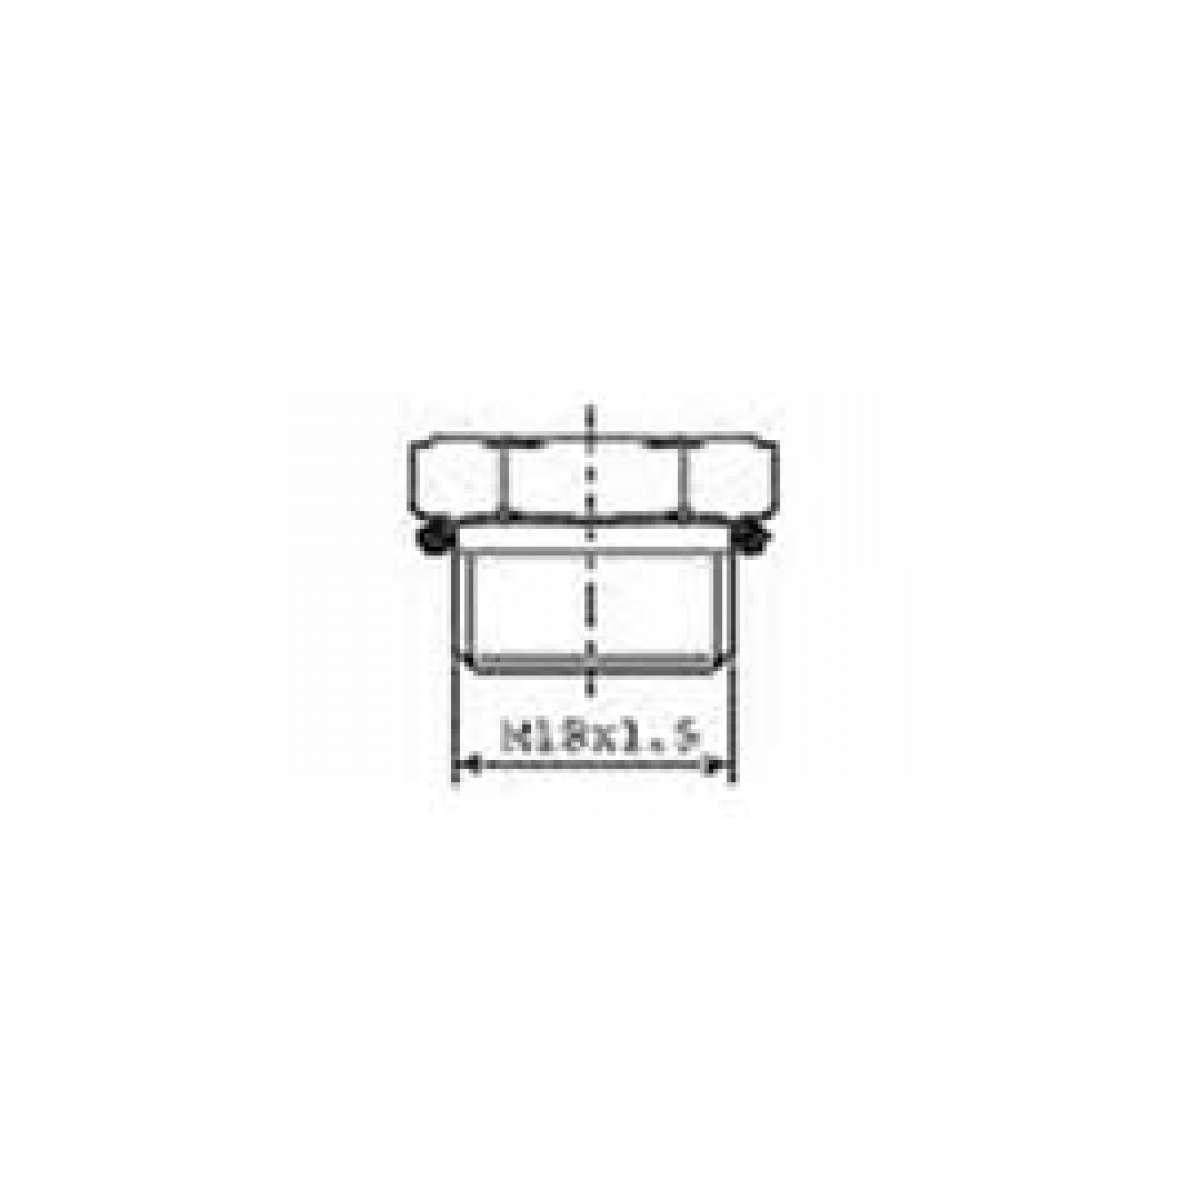 Gas generator (for 125 mL cartridge)